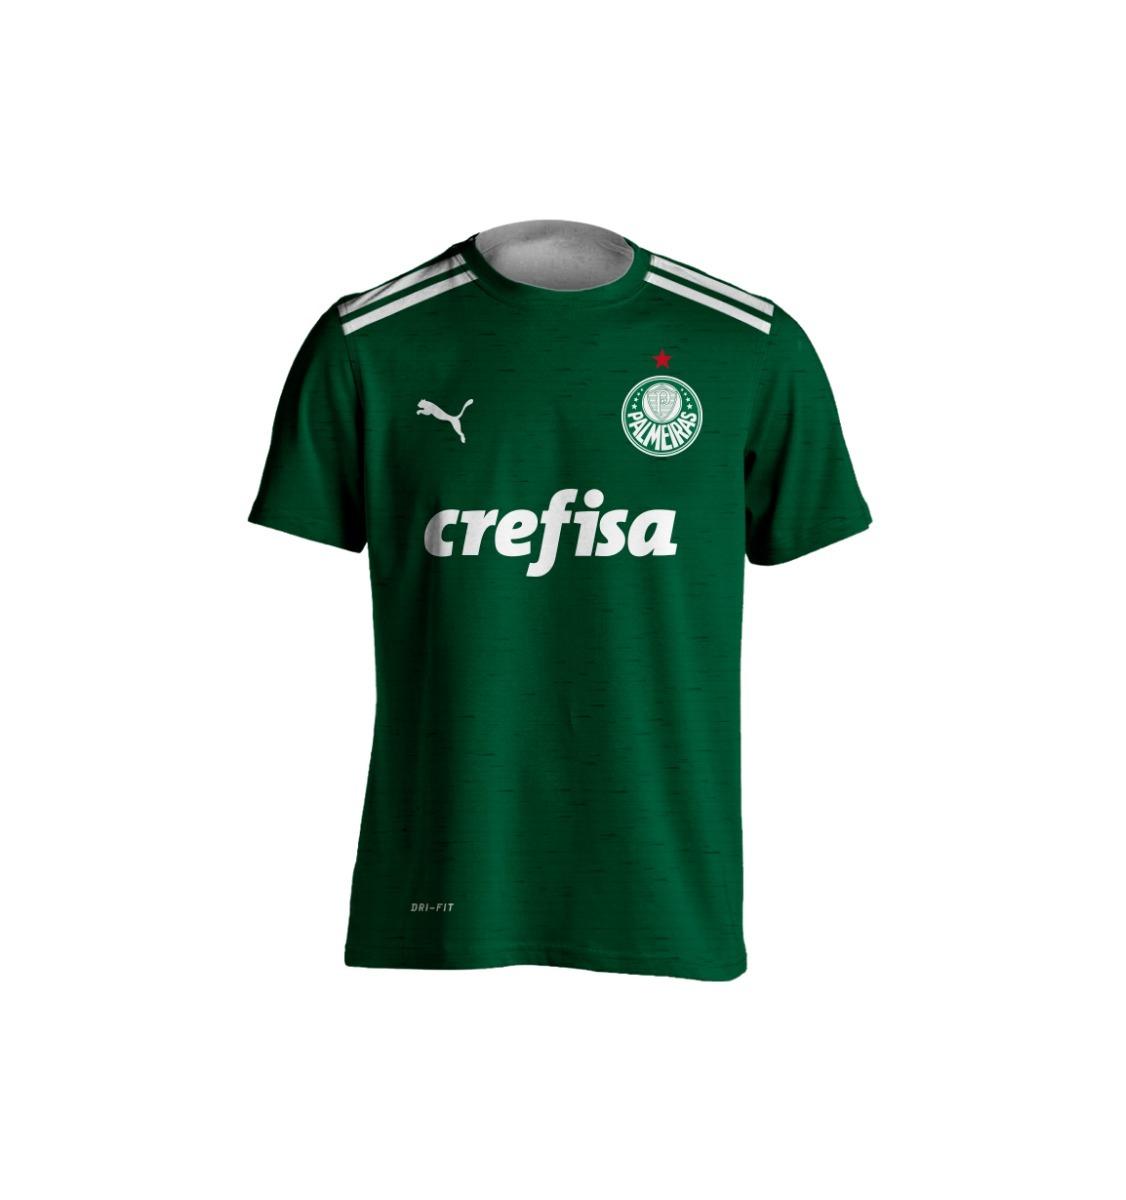 f56d5852a2afe kit 3 camisas puma palmeiras 2018 personalizada verde. Carregando zoom.